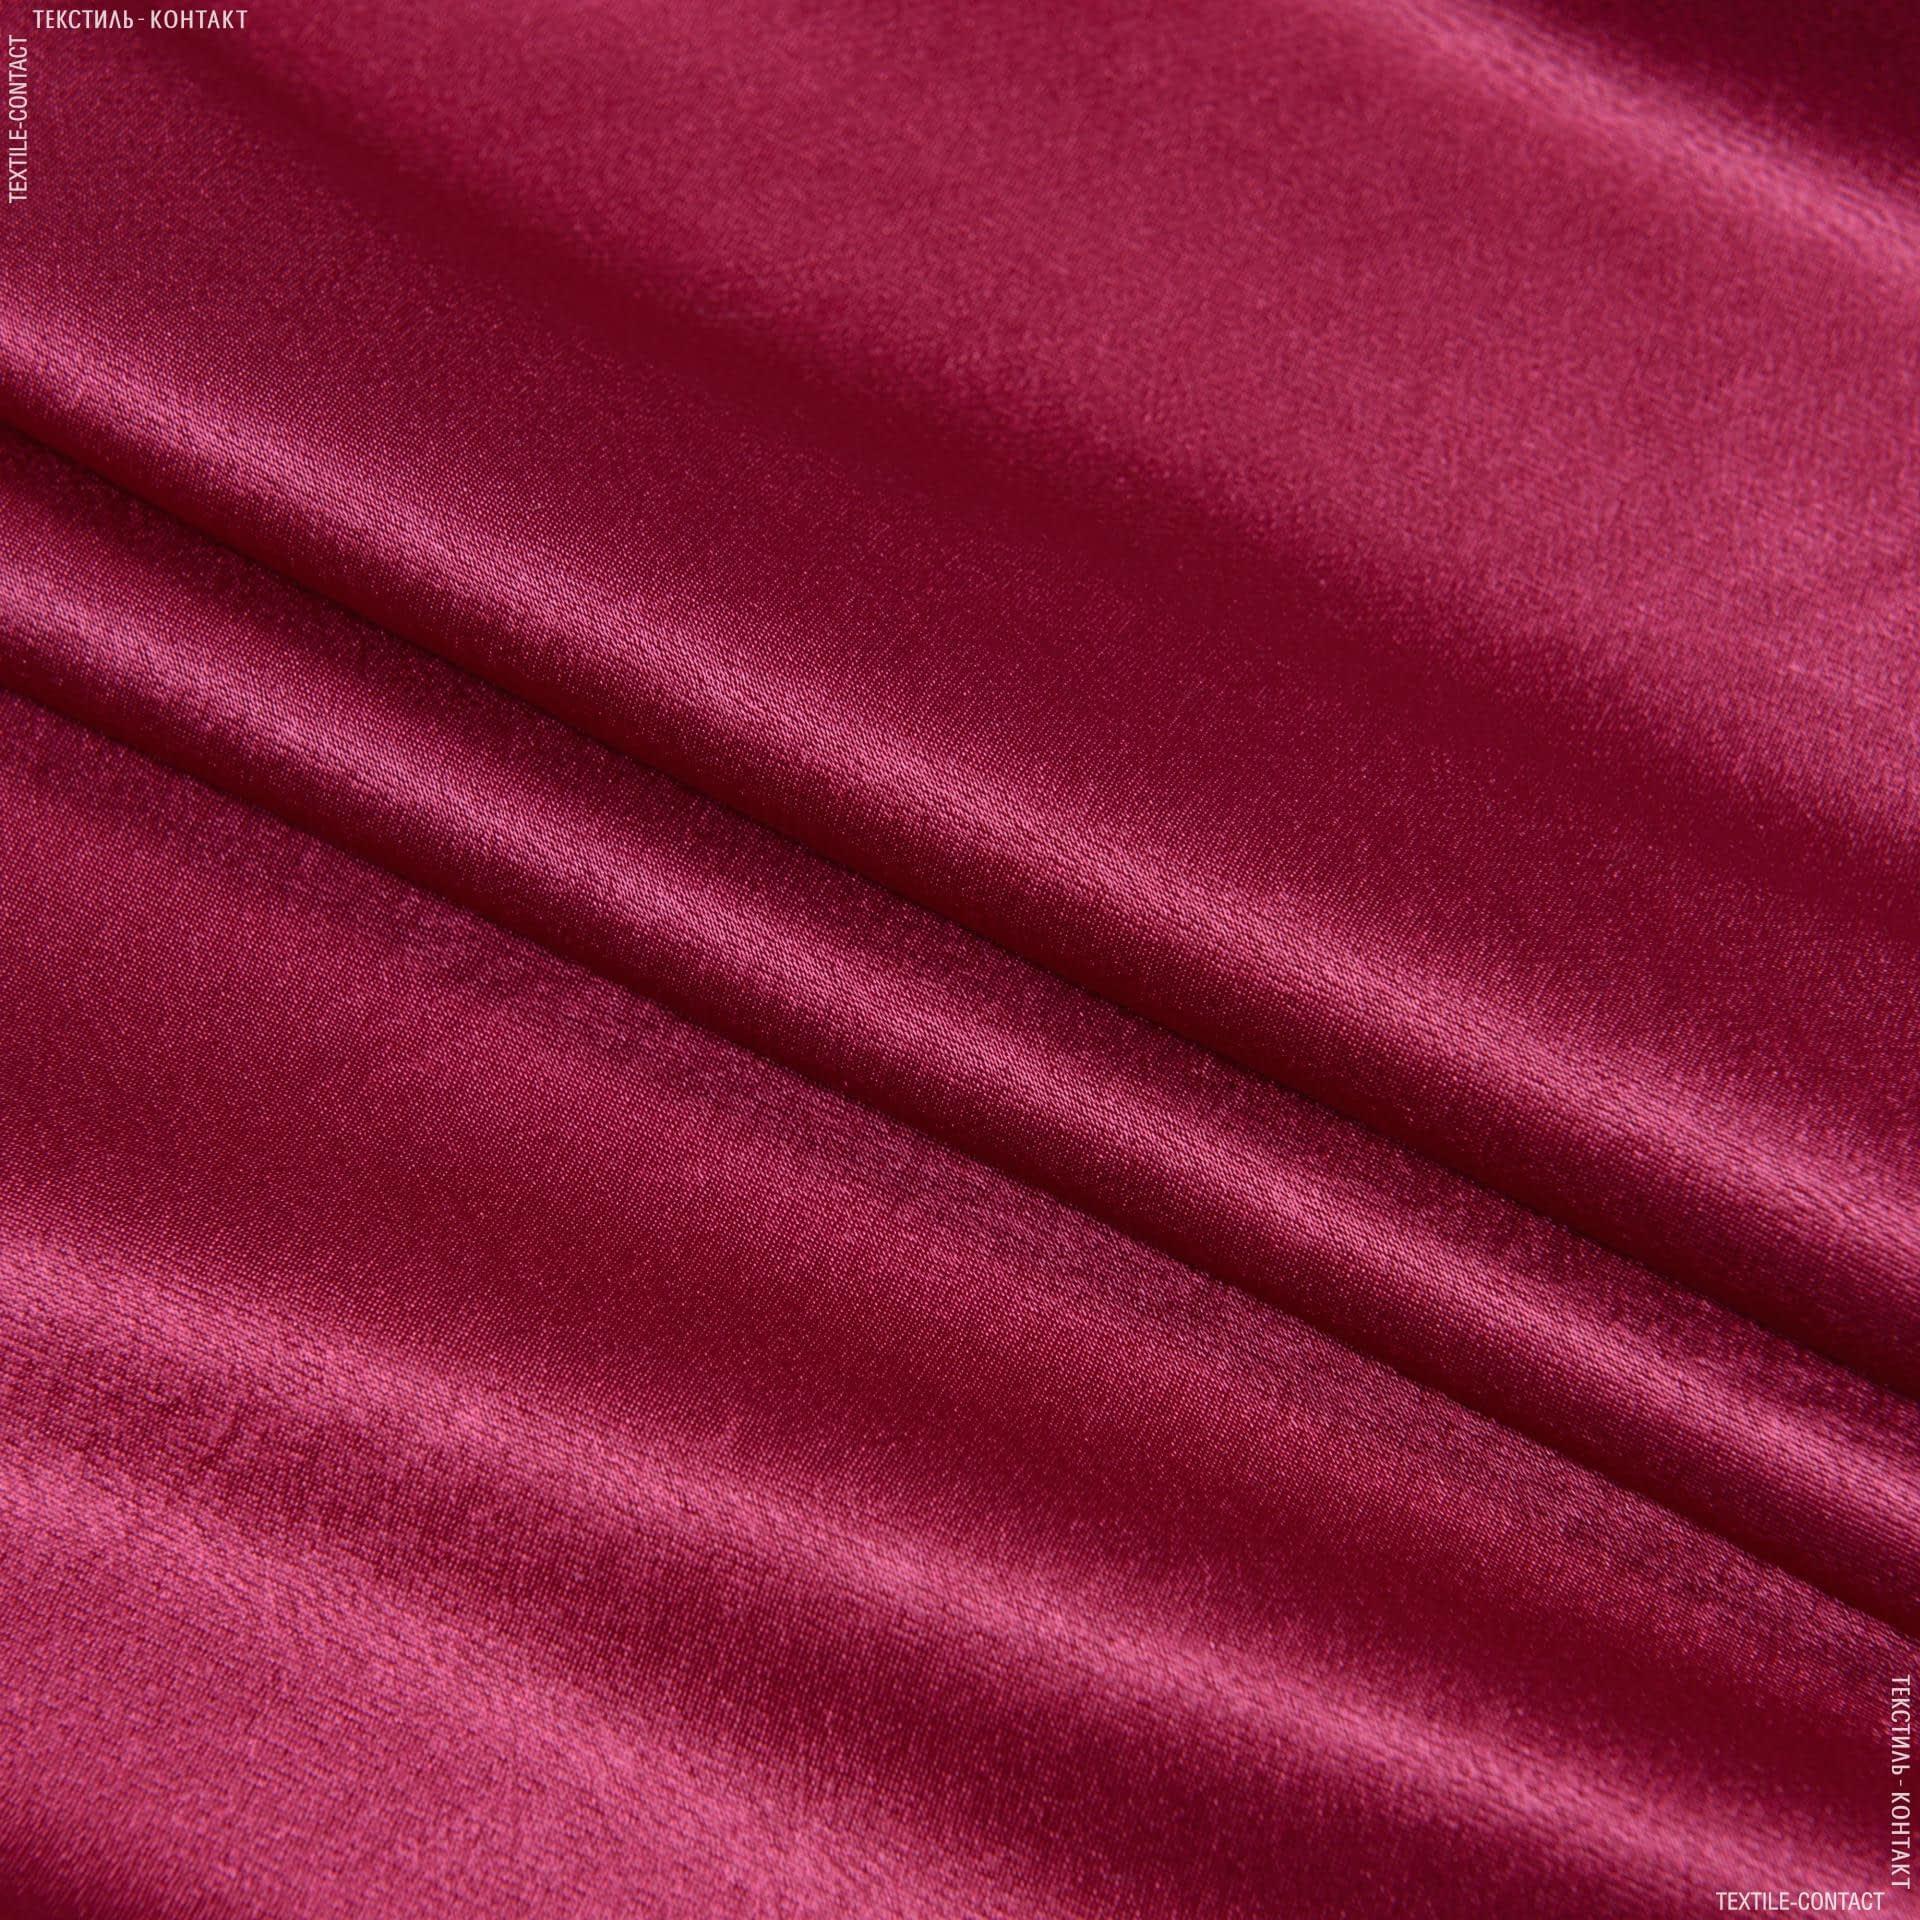 Тканини для банкетних і фуршетніх спідниць - Креп-сатин вишневий